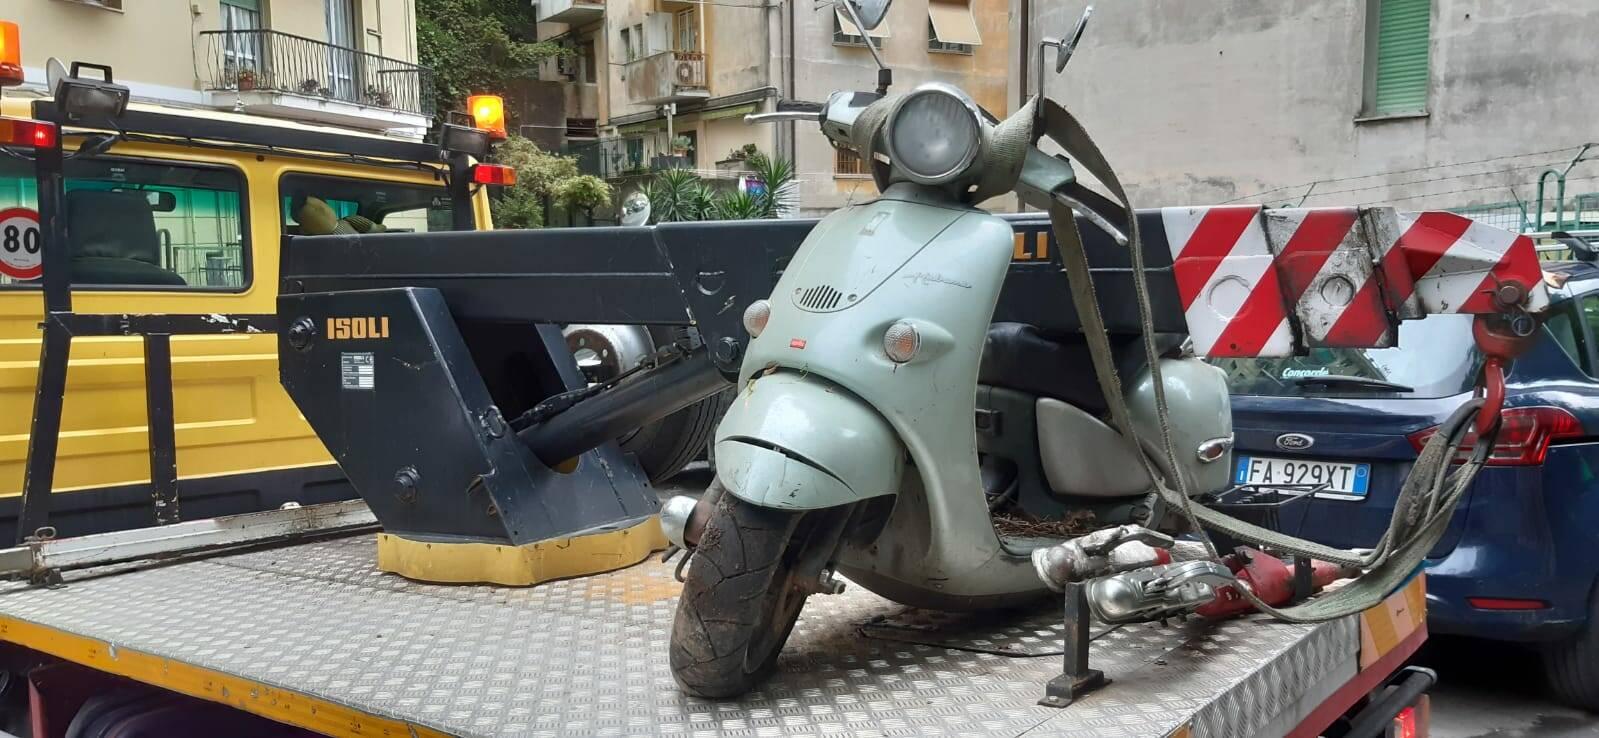 La polizia locale di Genova rimuove 330 carcasse di auto e moto abbandonate